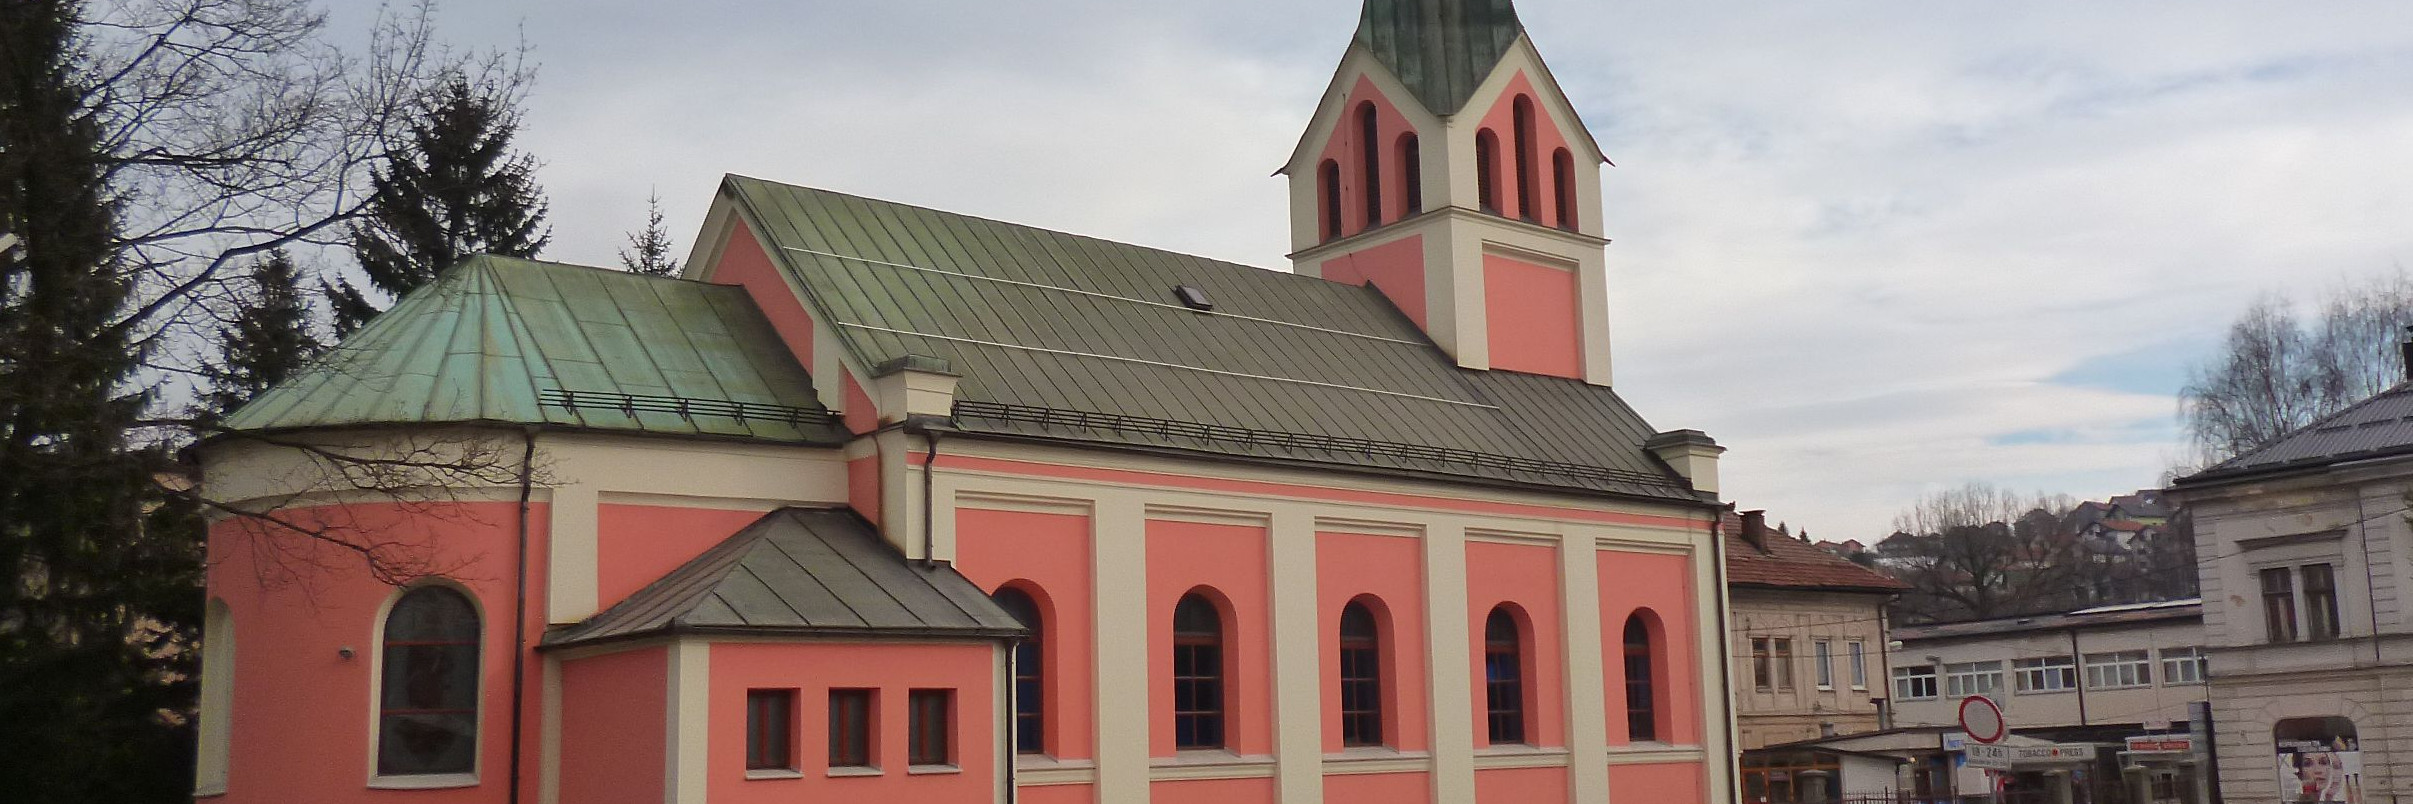 Церковь св. Иоанна Крестителя в Травнике